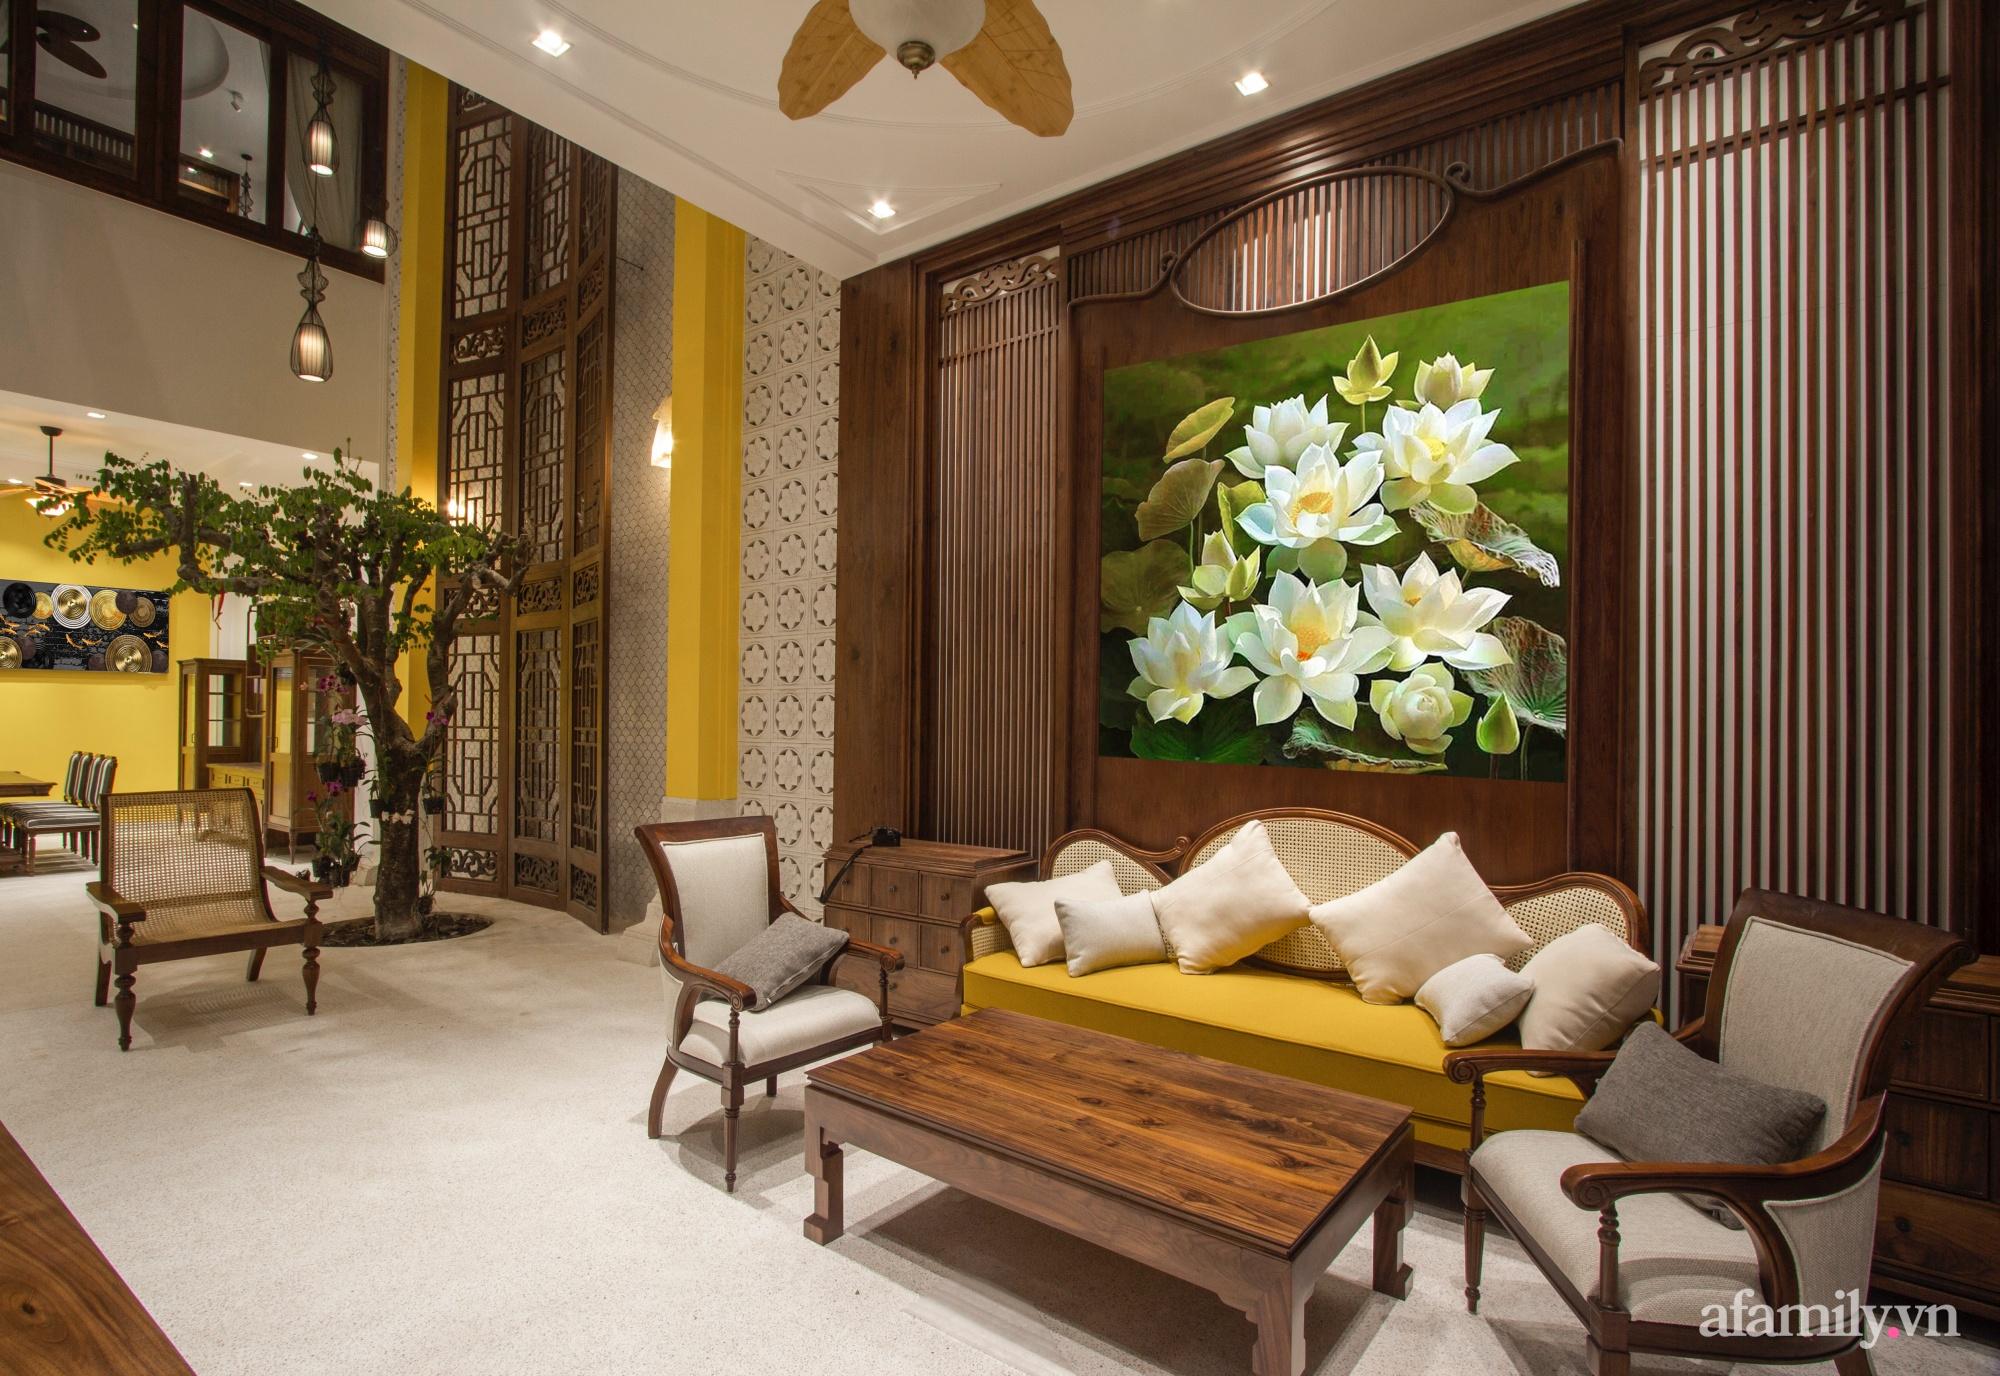 Nhà phố 8x16m đẹp bình yên, tĩnh tại mang hơi hướng của Đạo Phật và phong cách Á Đông ở Buôn Ma Thuột - Ảnh 3.